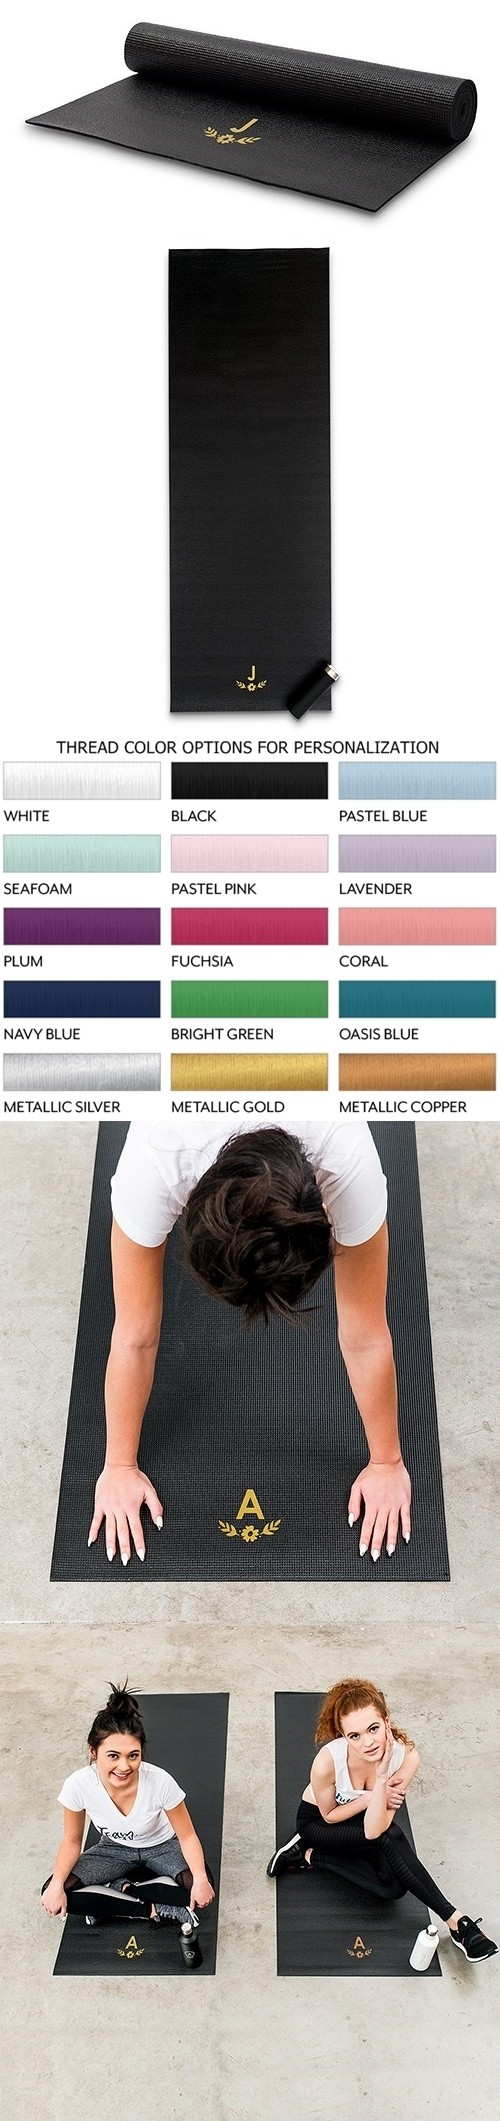 Personalizable Best Custom No-Slip Black Yoga Mat - Floral Monogram